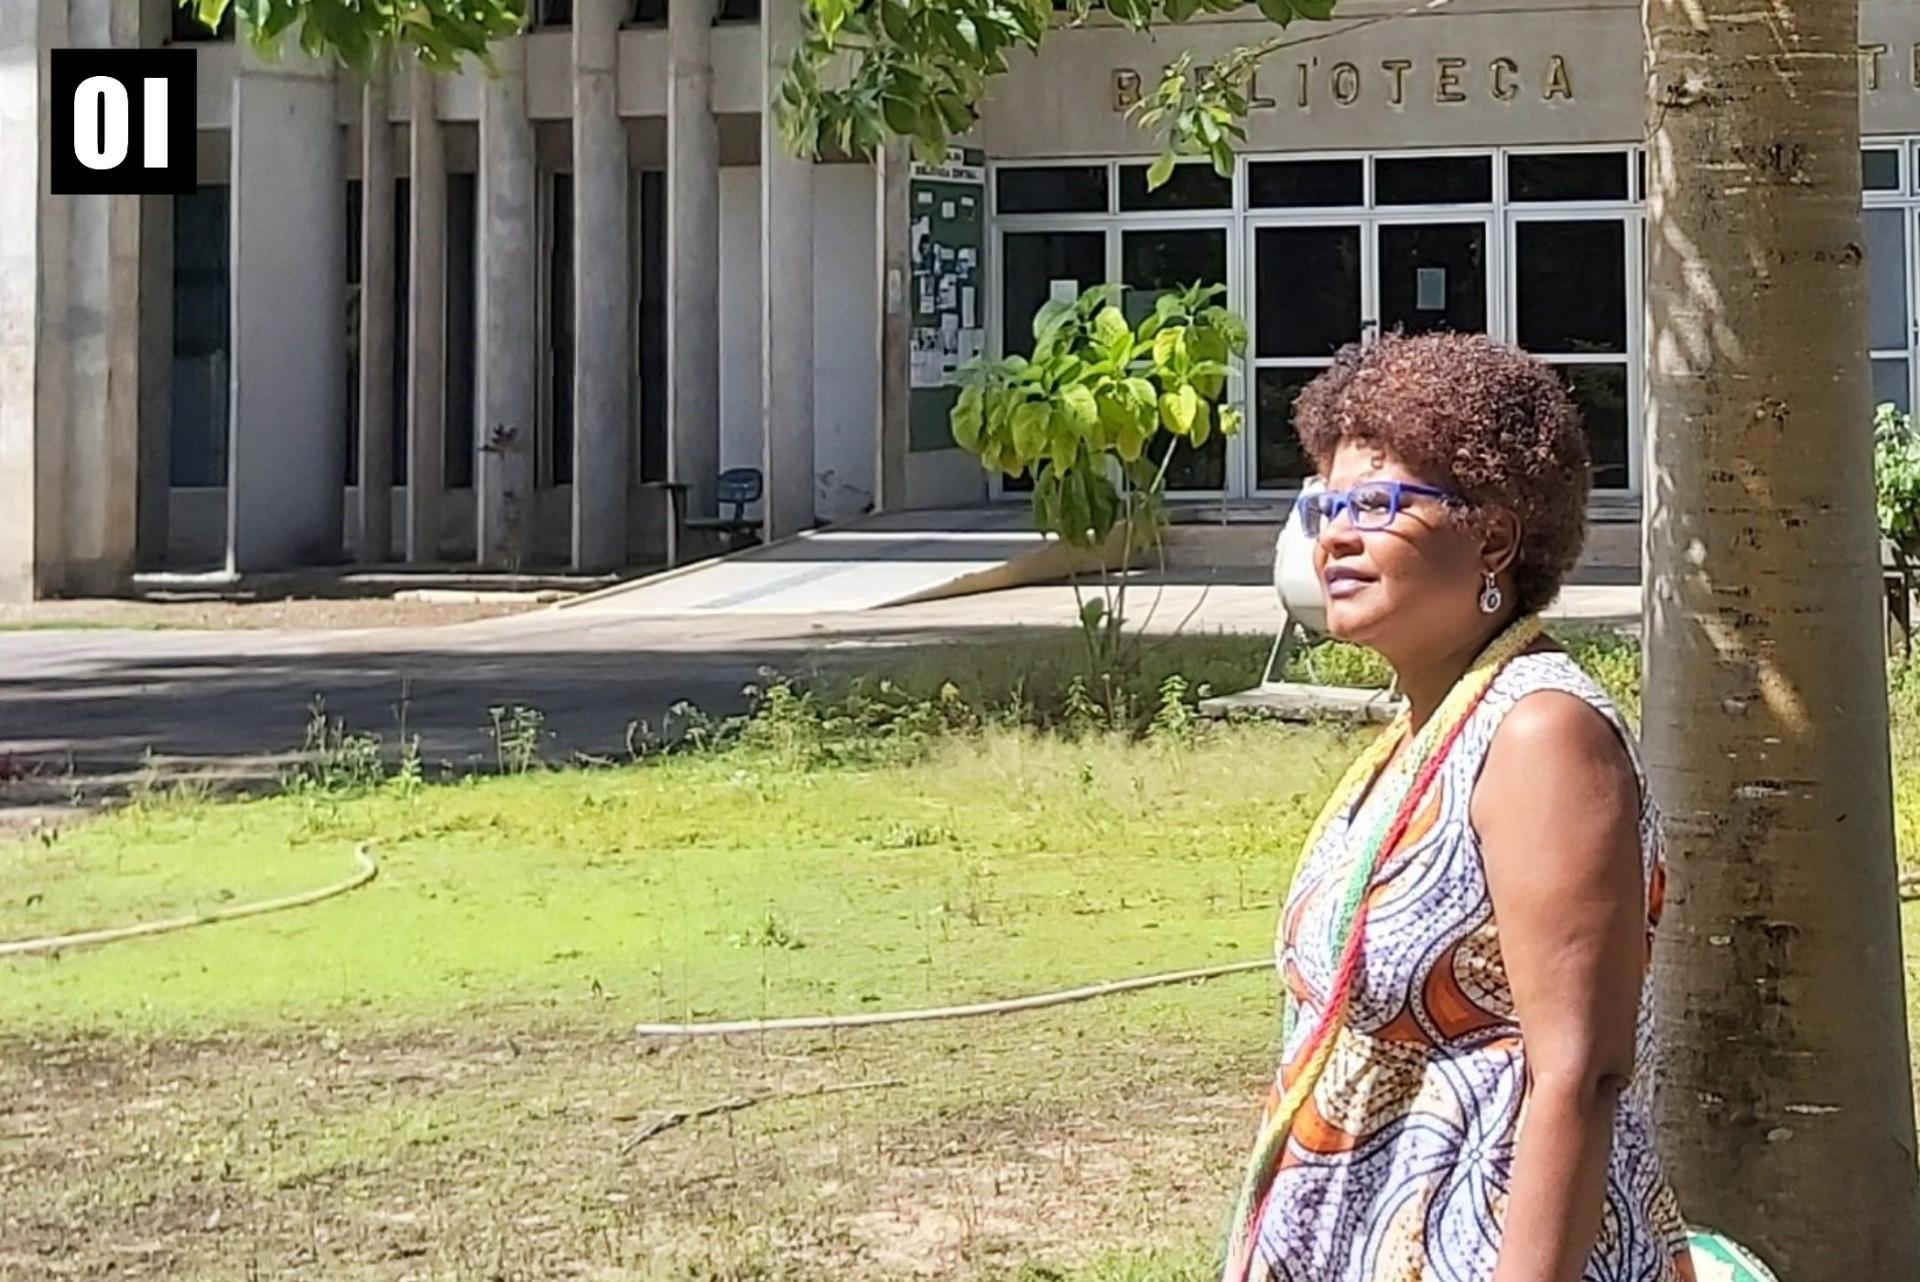 """Historiadora Solange Rocha: """"Racismo e direito à memória devem constar na agenda política"""""""